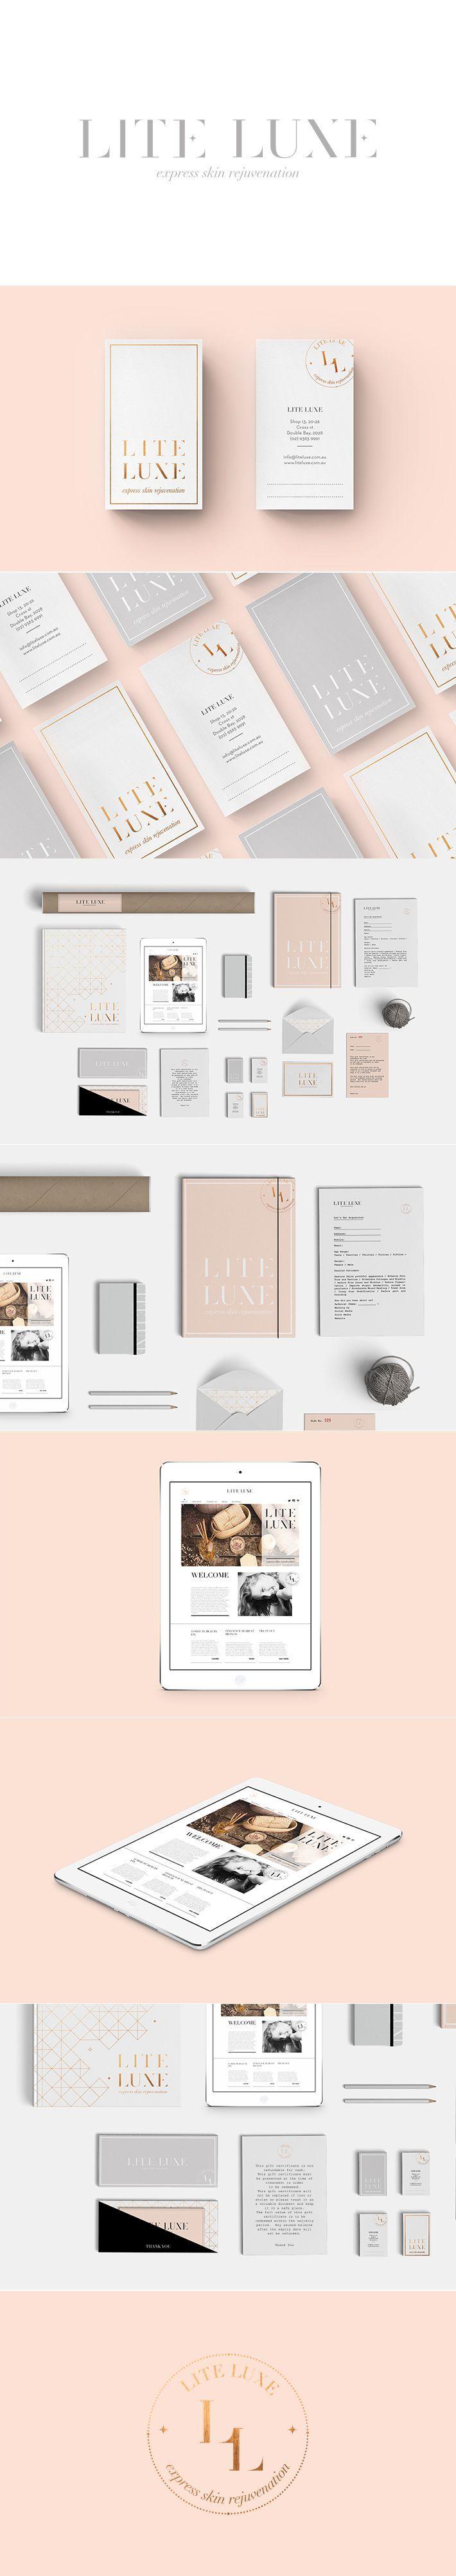 20 Diseños de Branding e Identidad Corporativa                                                                                                                                                                                 Más